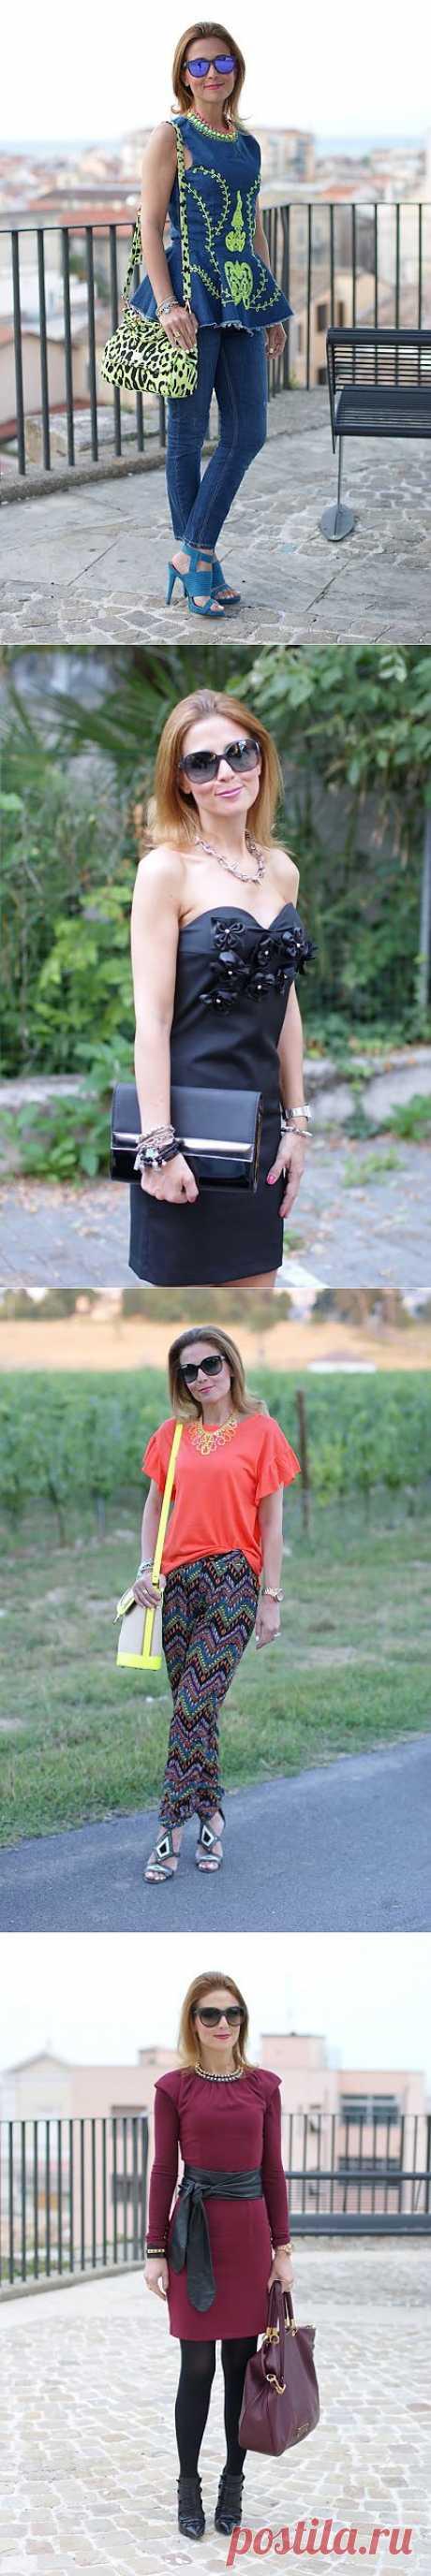 Наряды из гардероба Валентины ака Vale (трафик) / Fashion блоги / ВТОРАЯ УЛИЦА